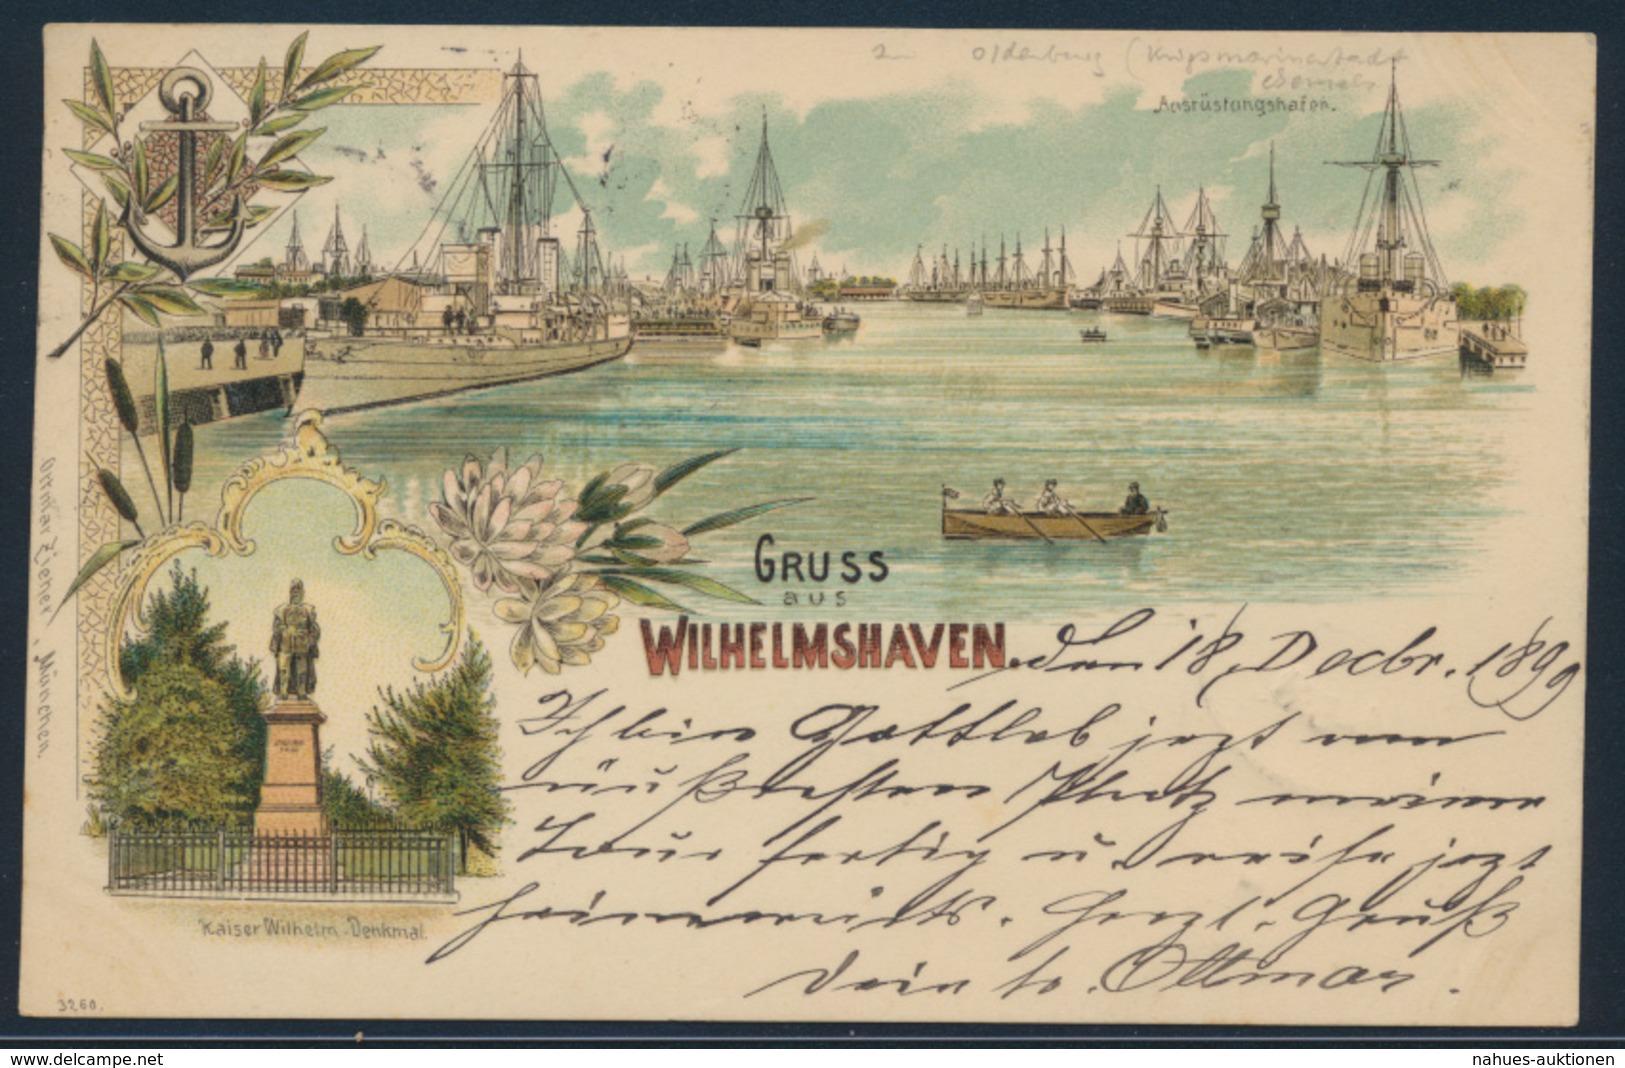 Ansichtskarte Seefahrt Schiff Marine Litho Wilhelmshaven Bahnpost Nach Ulm 1899 - Schiffe